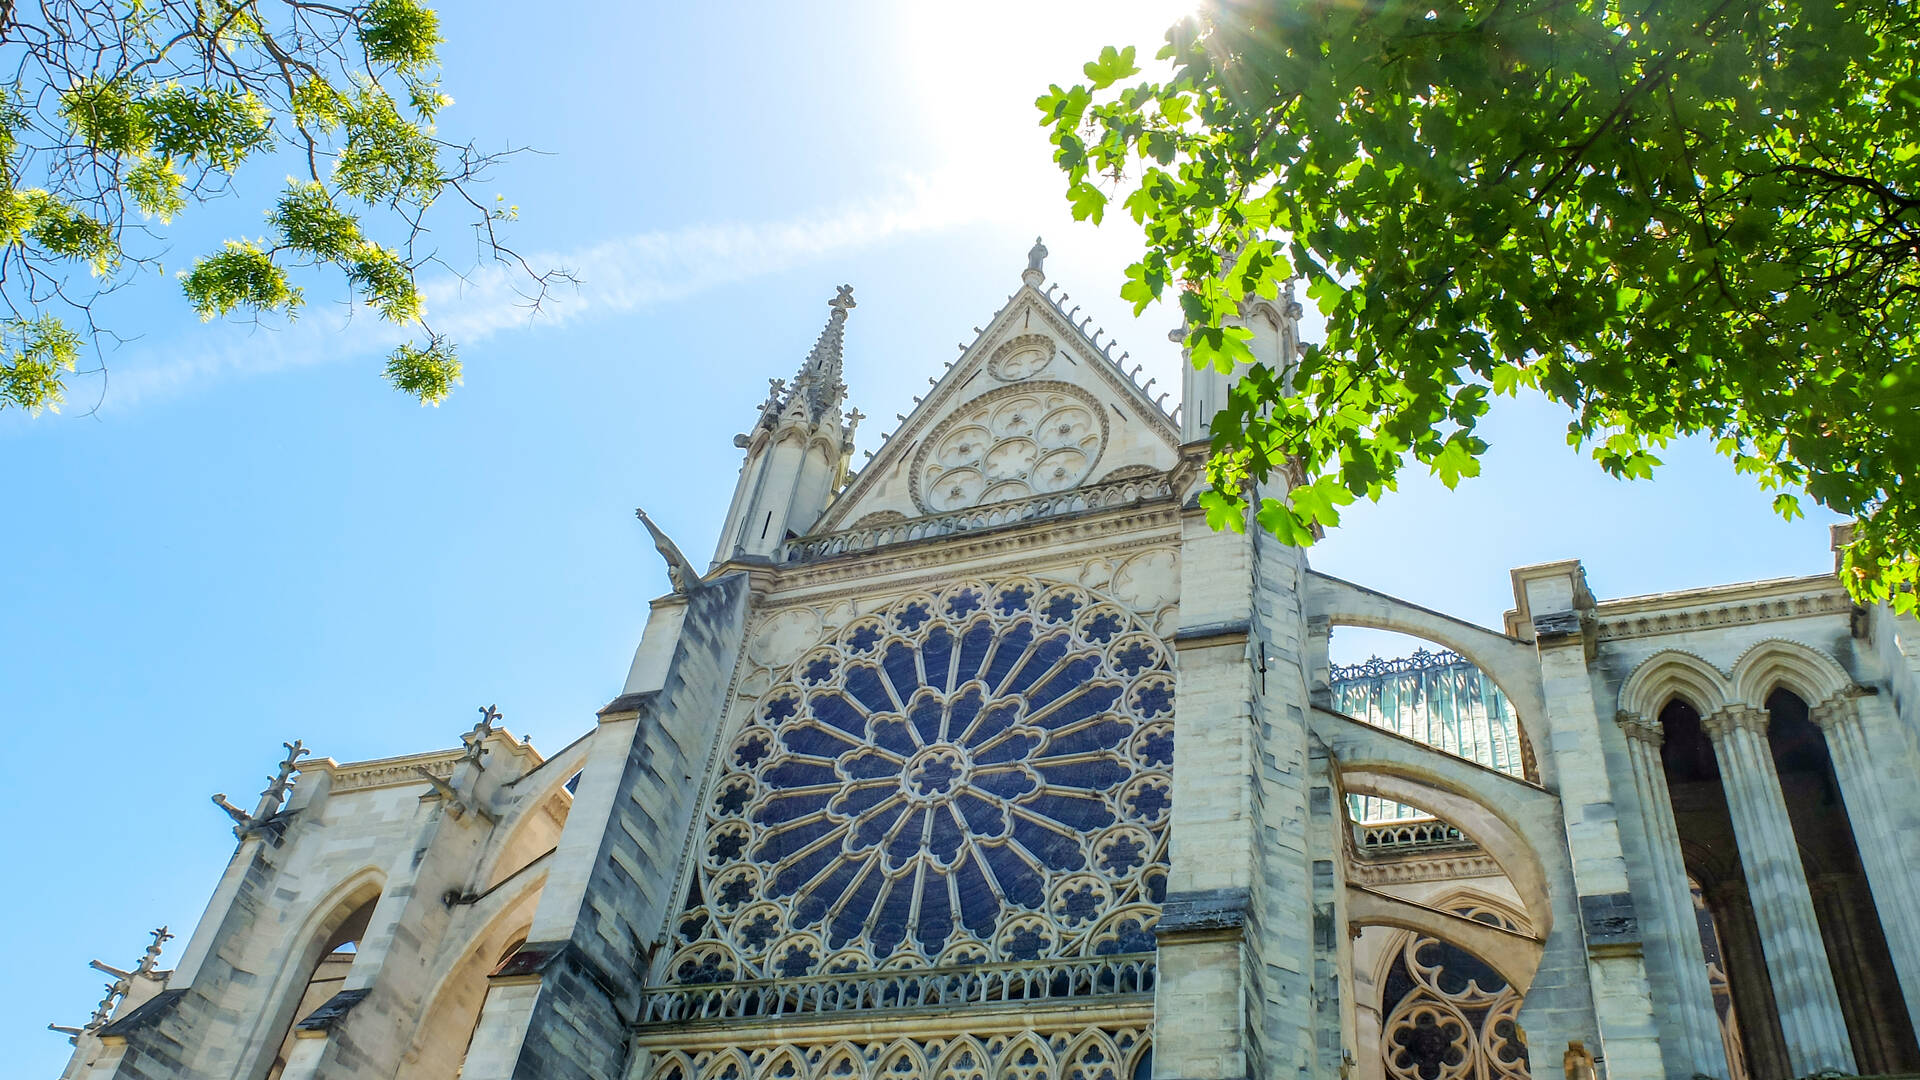 reouverture-basilique-saint-denis-21-juin-consignes-sanitaires